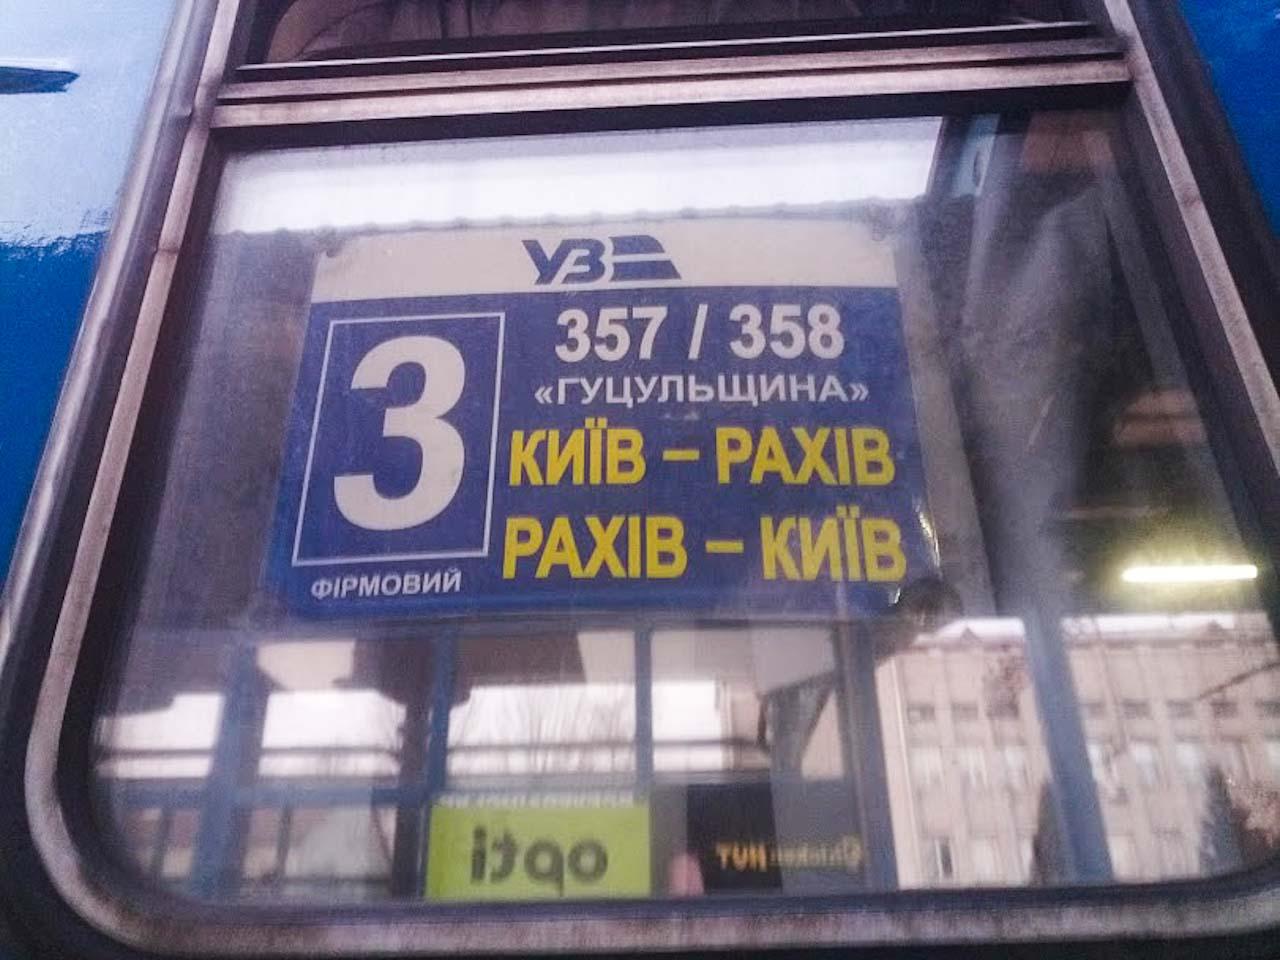 Курсування потягу дозволили у зв'язку з послабленням карантинних обмежень у Чернівецькій області.